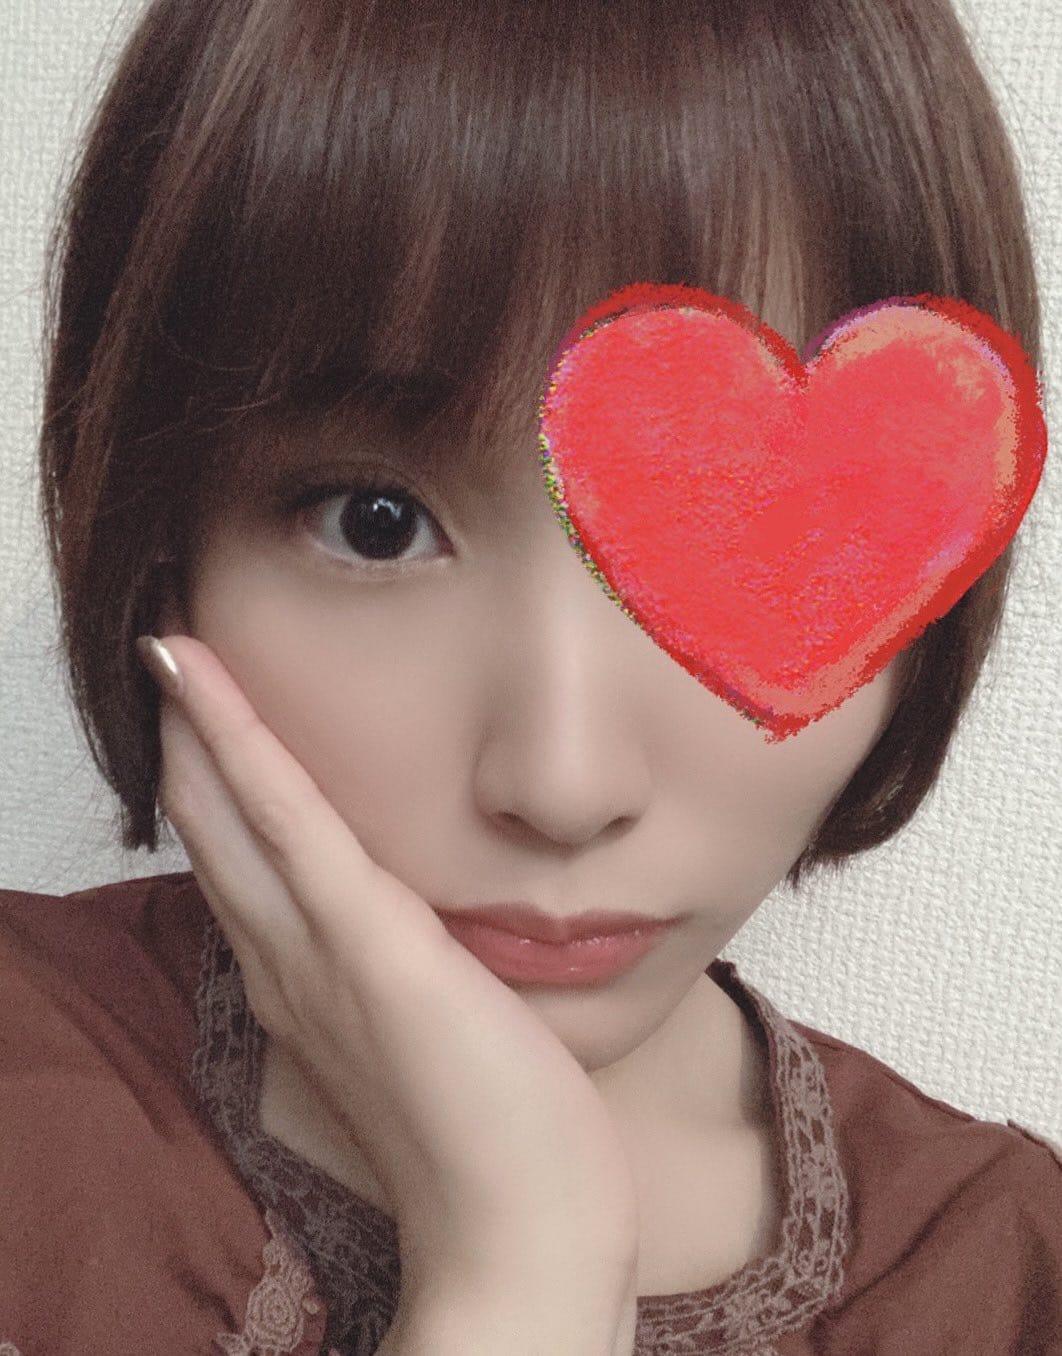 「椎名です!」01/23(土) 11:54 | 椎名の写メ・風俗動画